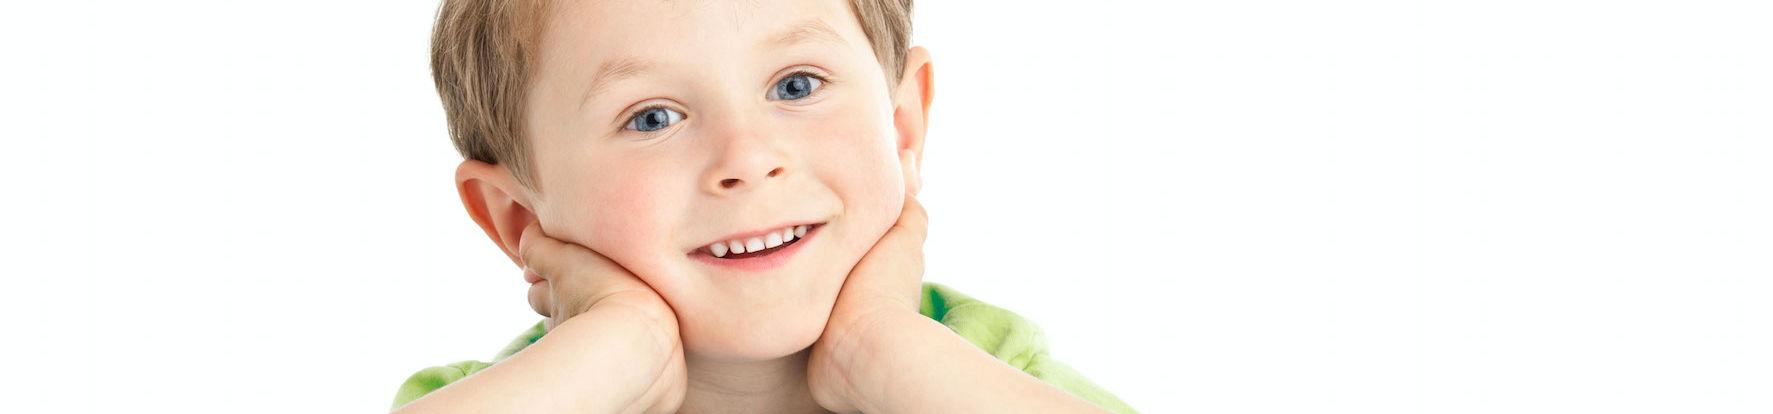 Lächelnder Junge